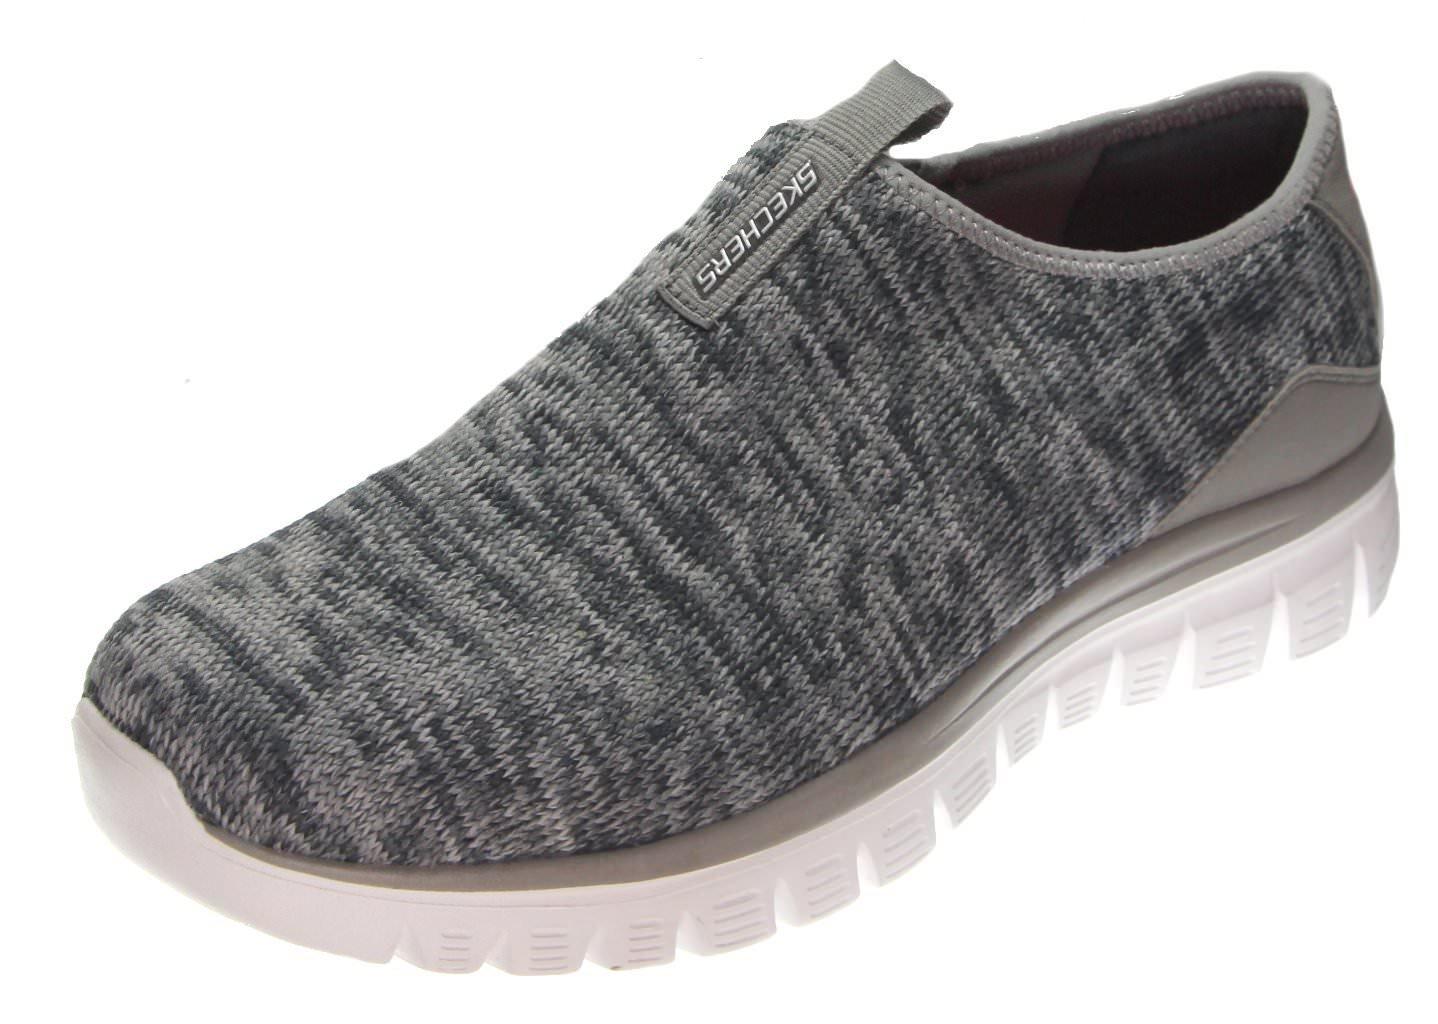 Skechers Sport Women's Empire Inside Look Fashion Sneaker B079RD1K2D 7 B(M) US|Grey Knit